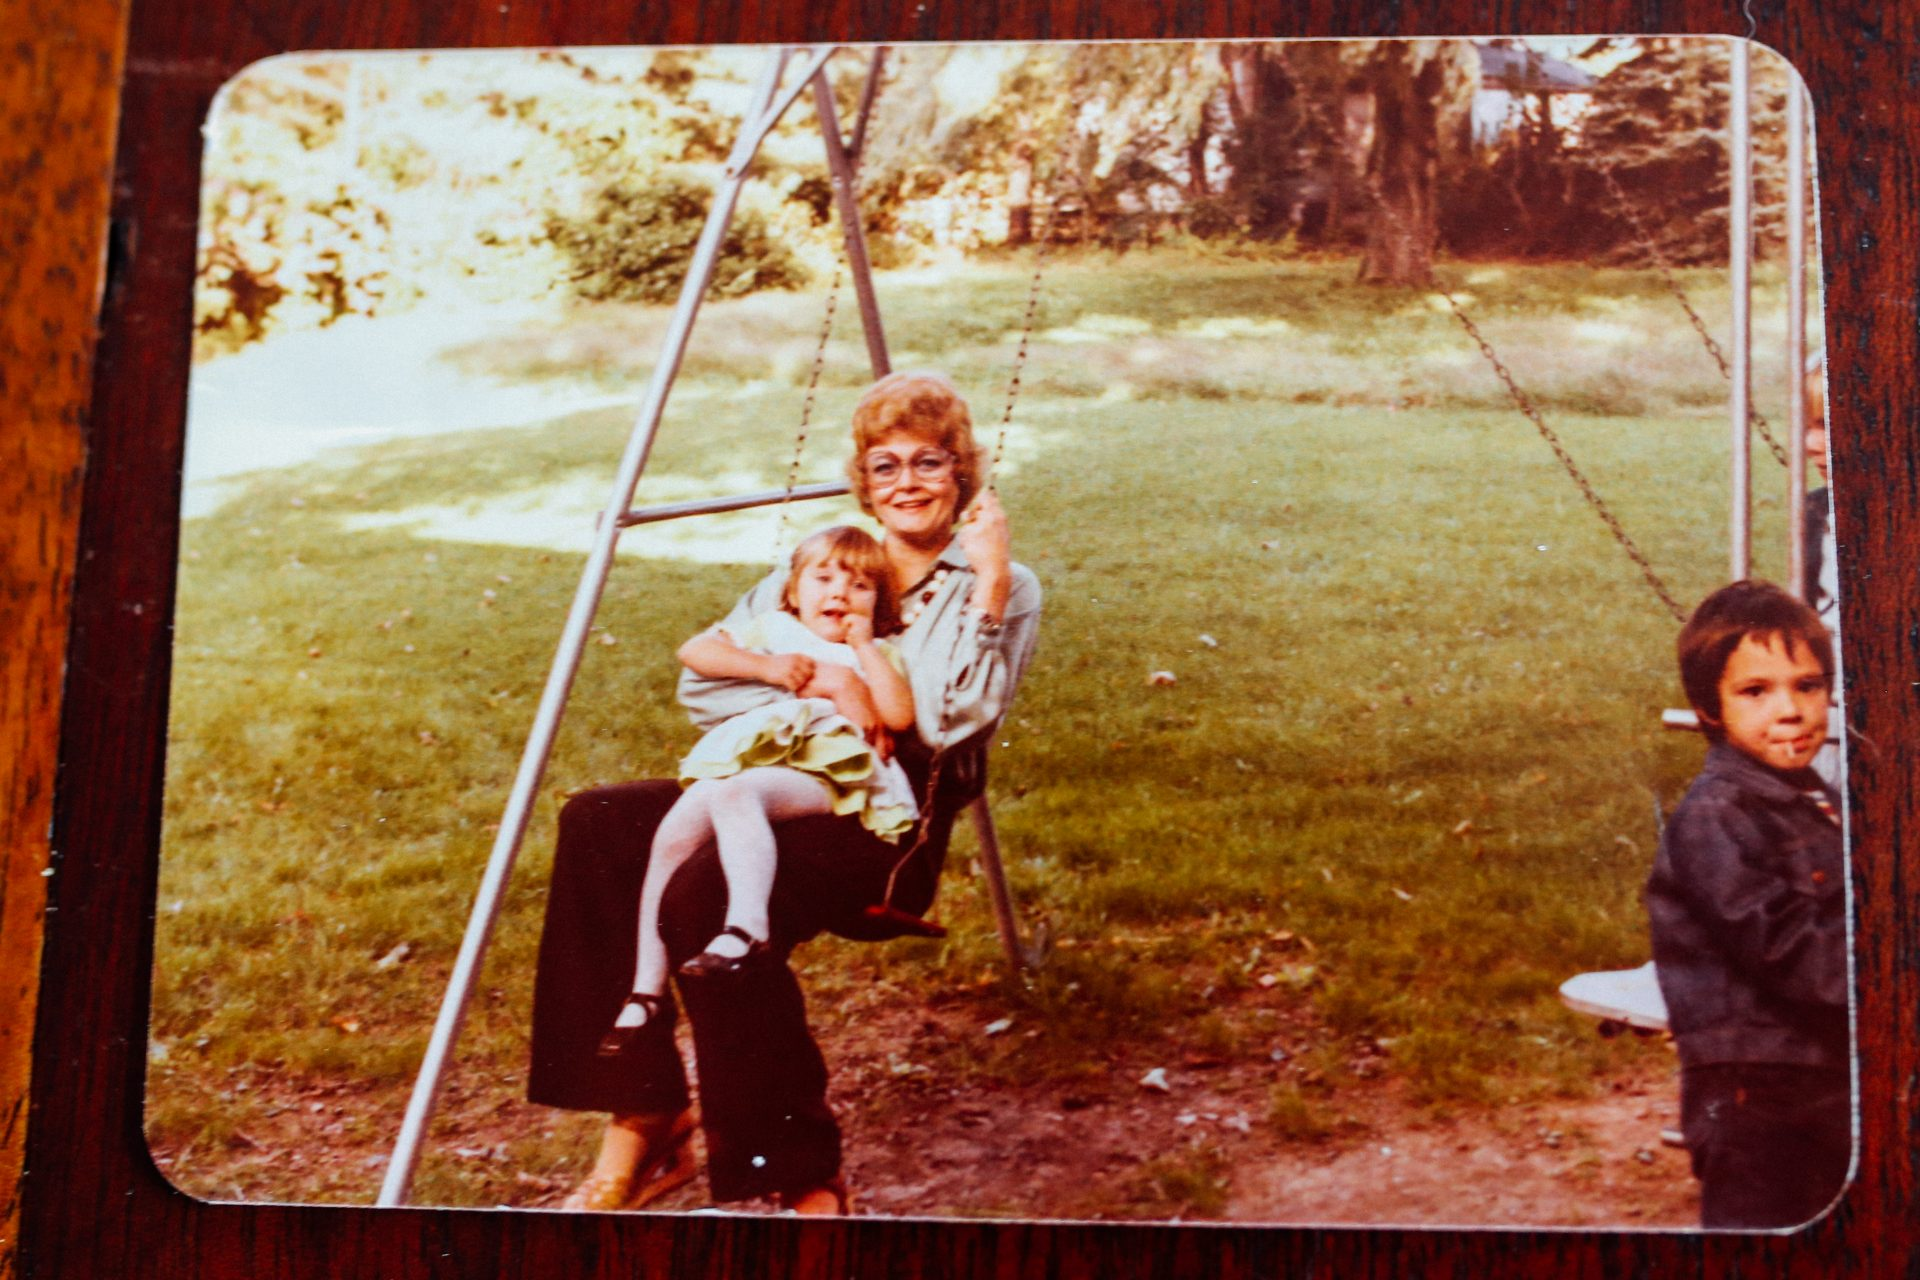 Lorraine Bay and her goddaughter Emily Schenkel